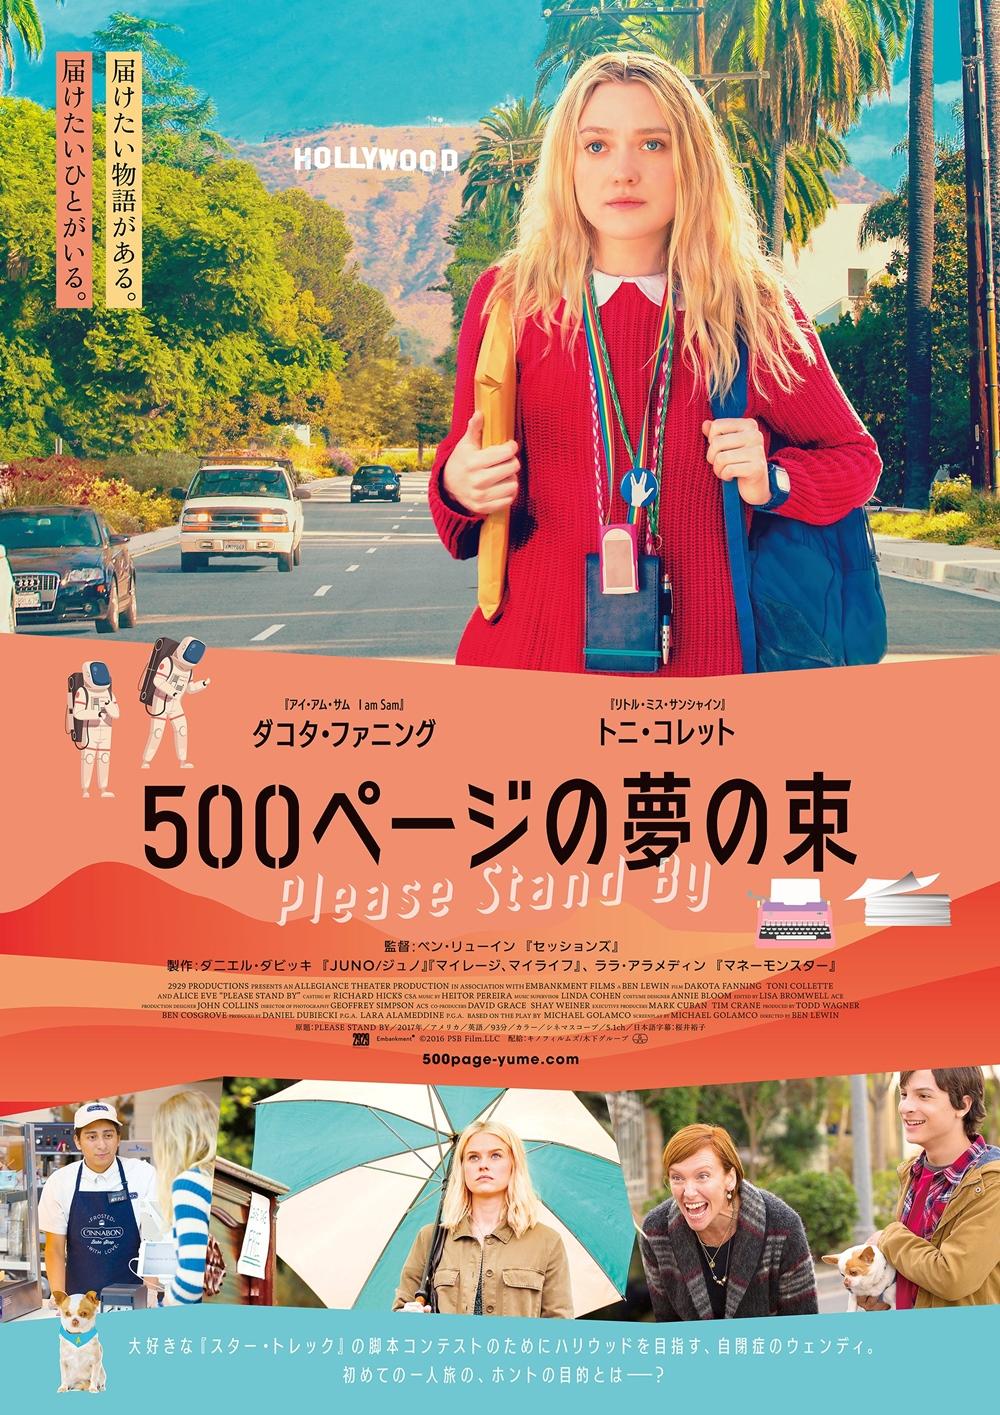 【画像】映画『500ページの夢の束』(原題・英題:PLEASE STAND BY) ポスタービジュアル